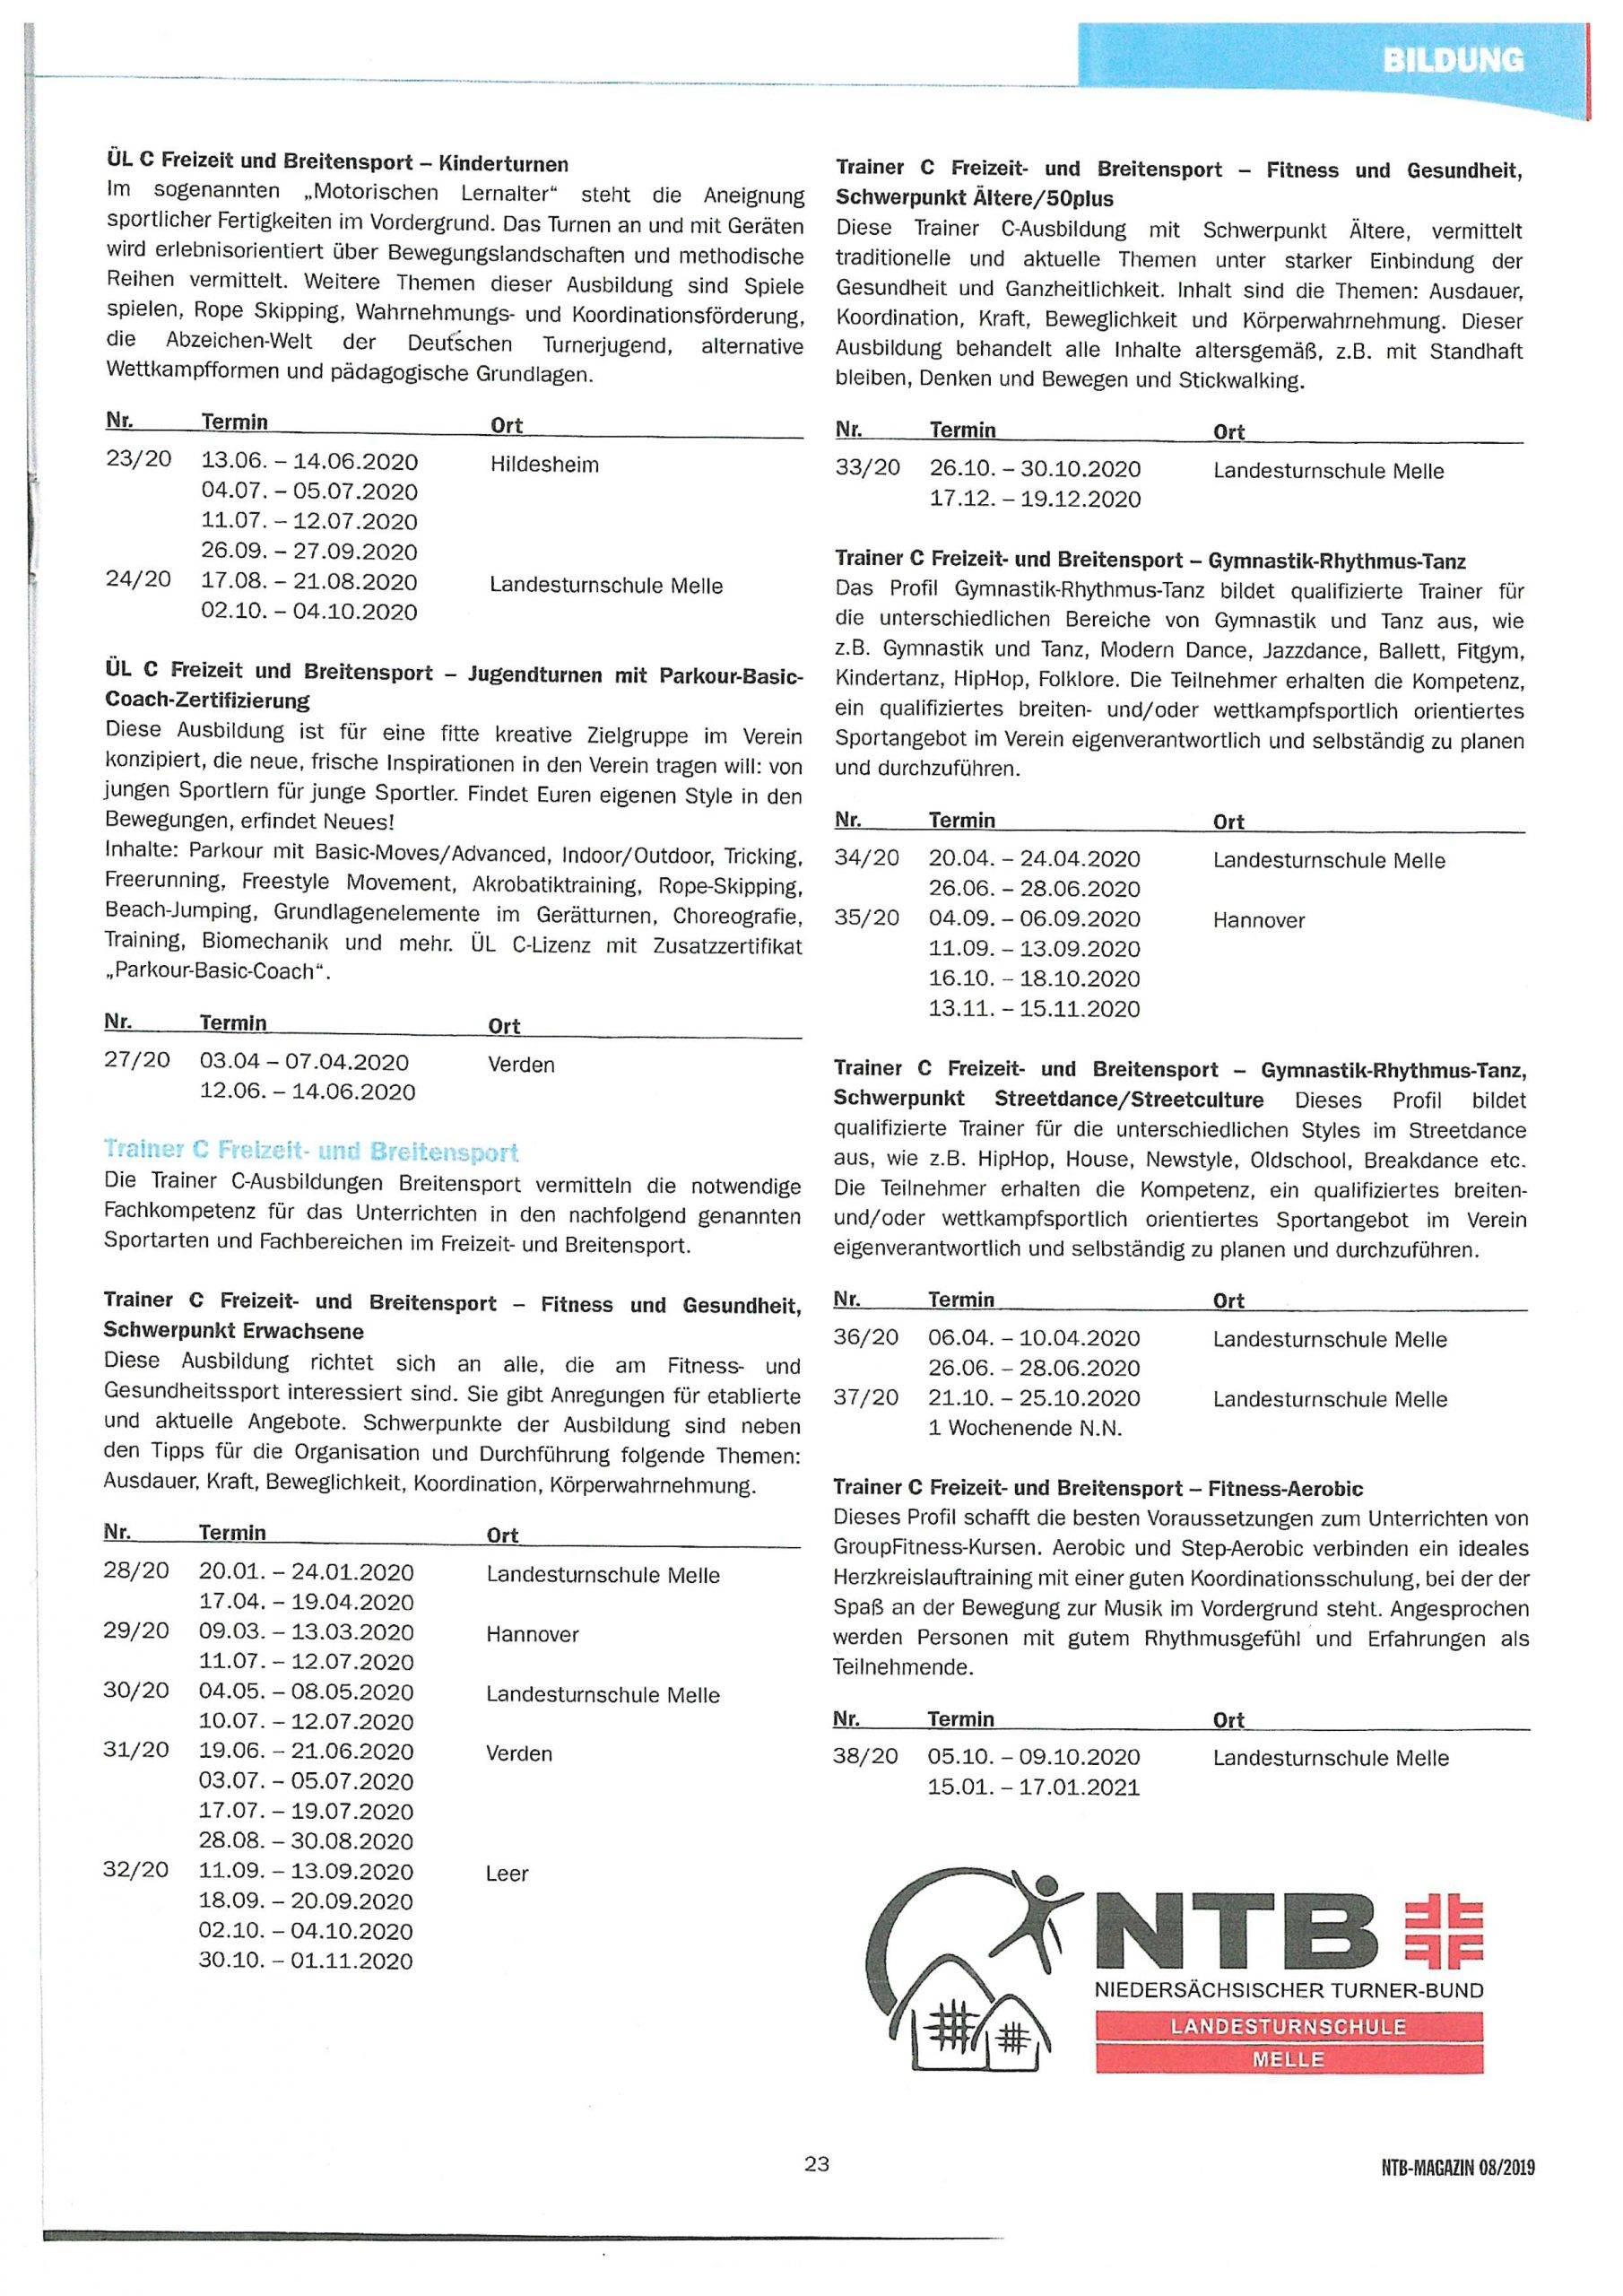 rautenstrauch_c_2020-01-20_08-08-38_1